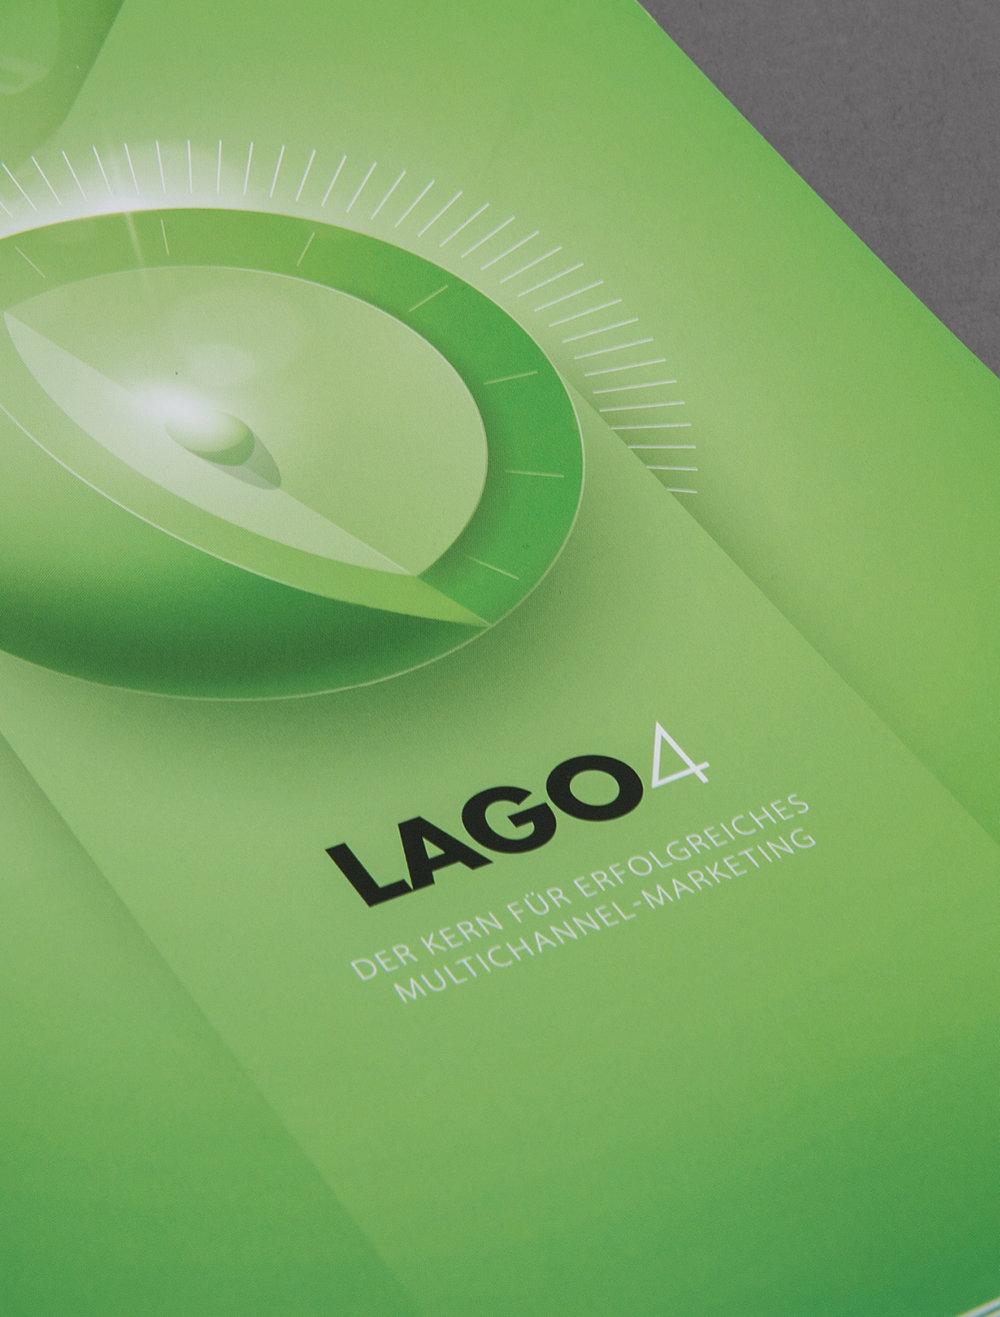 Illustration für Lago4 von Comosoft. Gestaltung von der Grafikdesign Agentur sons of ipanema in Köln.